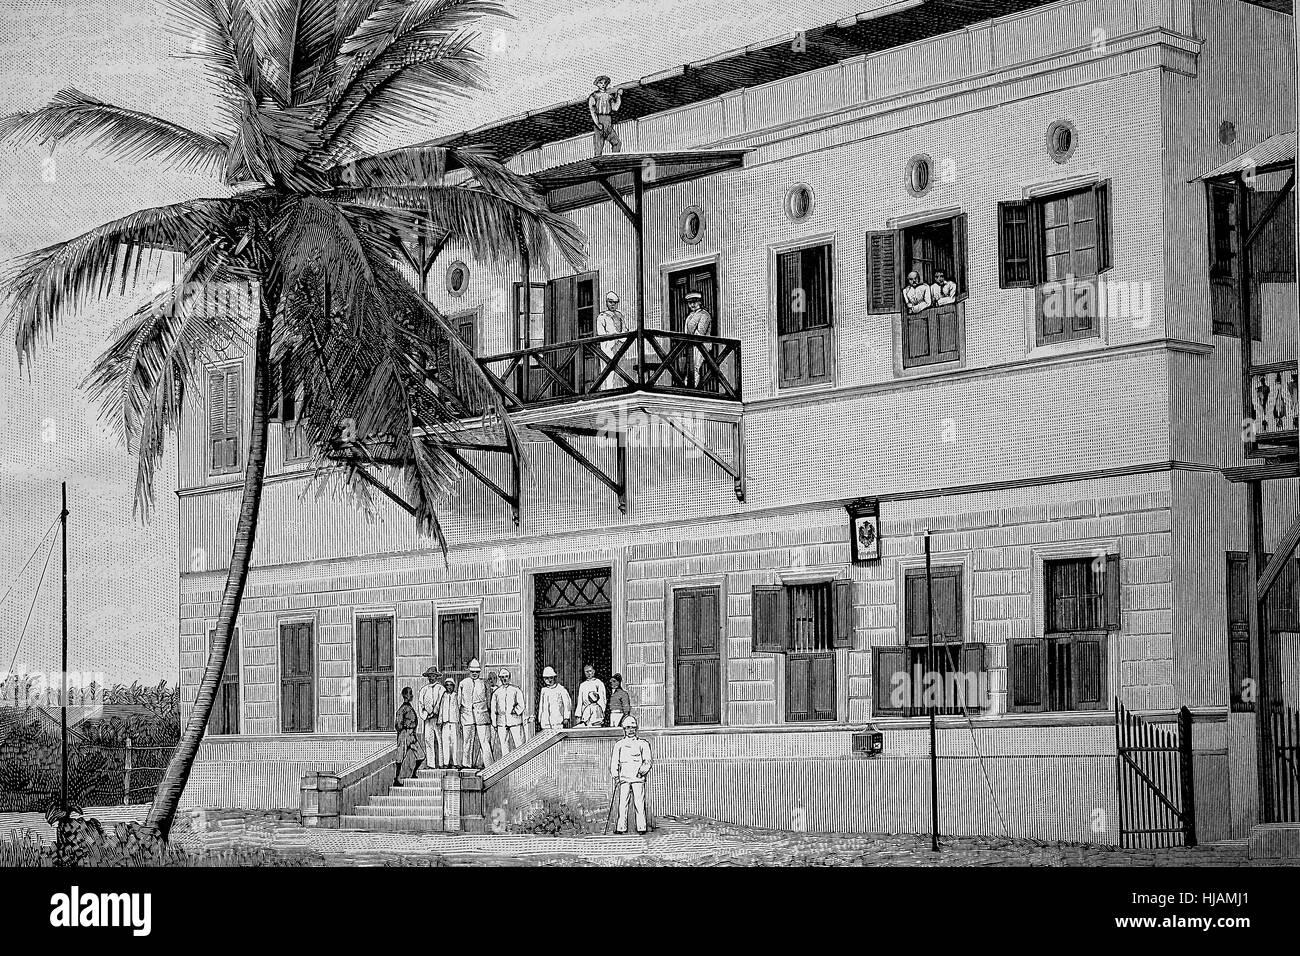 Le bureau de poste à Dar-es-Salaam, Tanzanie, ex-Afrique orientale allemande, l'image historique ou de Photo Stock